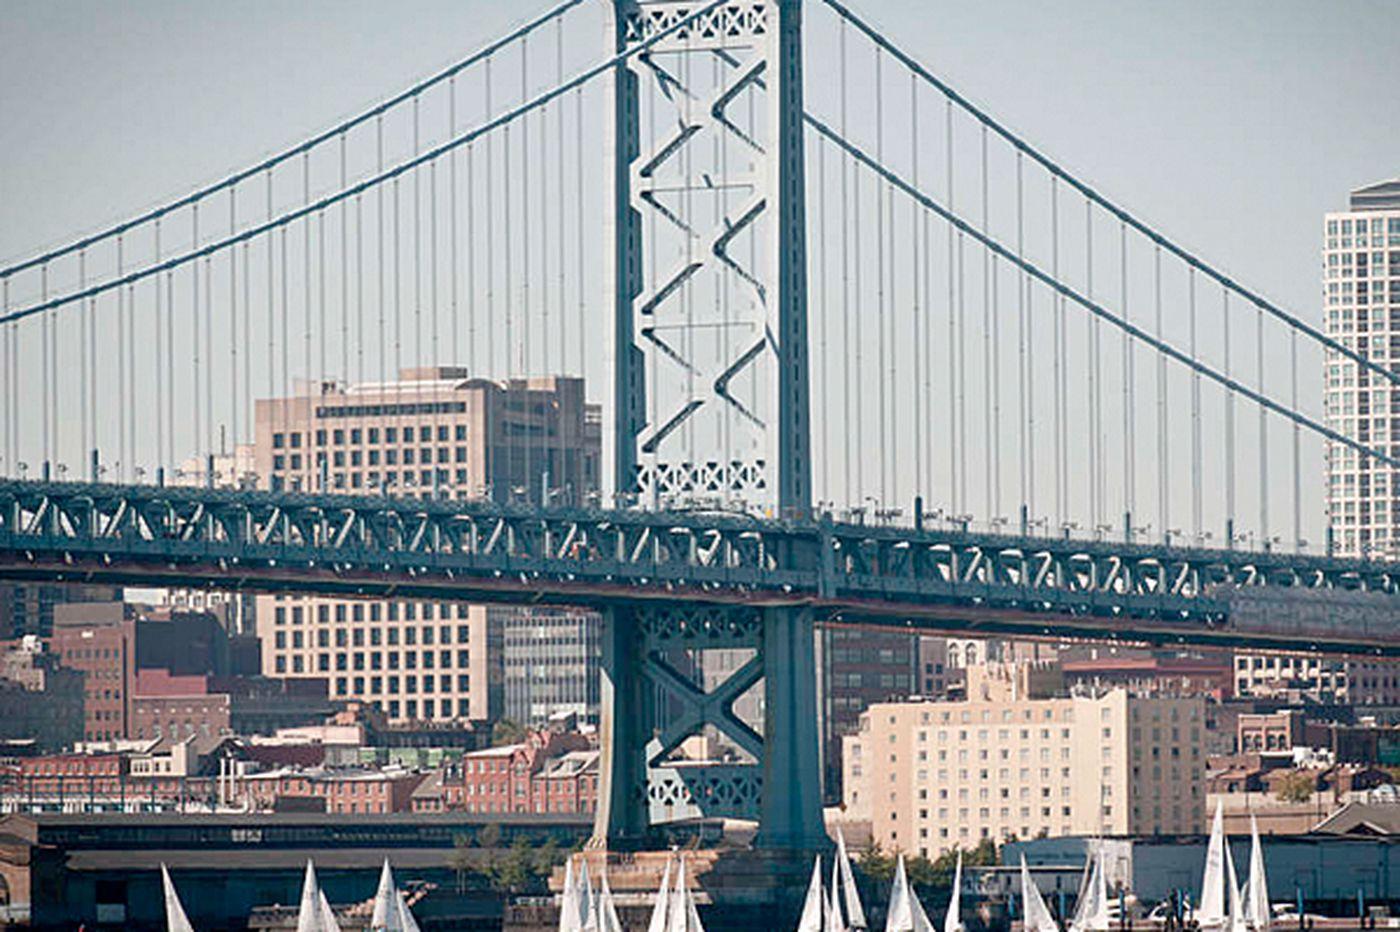 Bridge closure under discussion for pope's visit